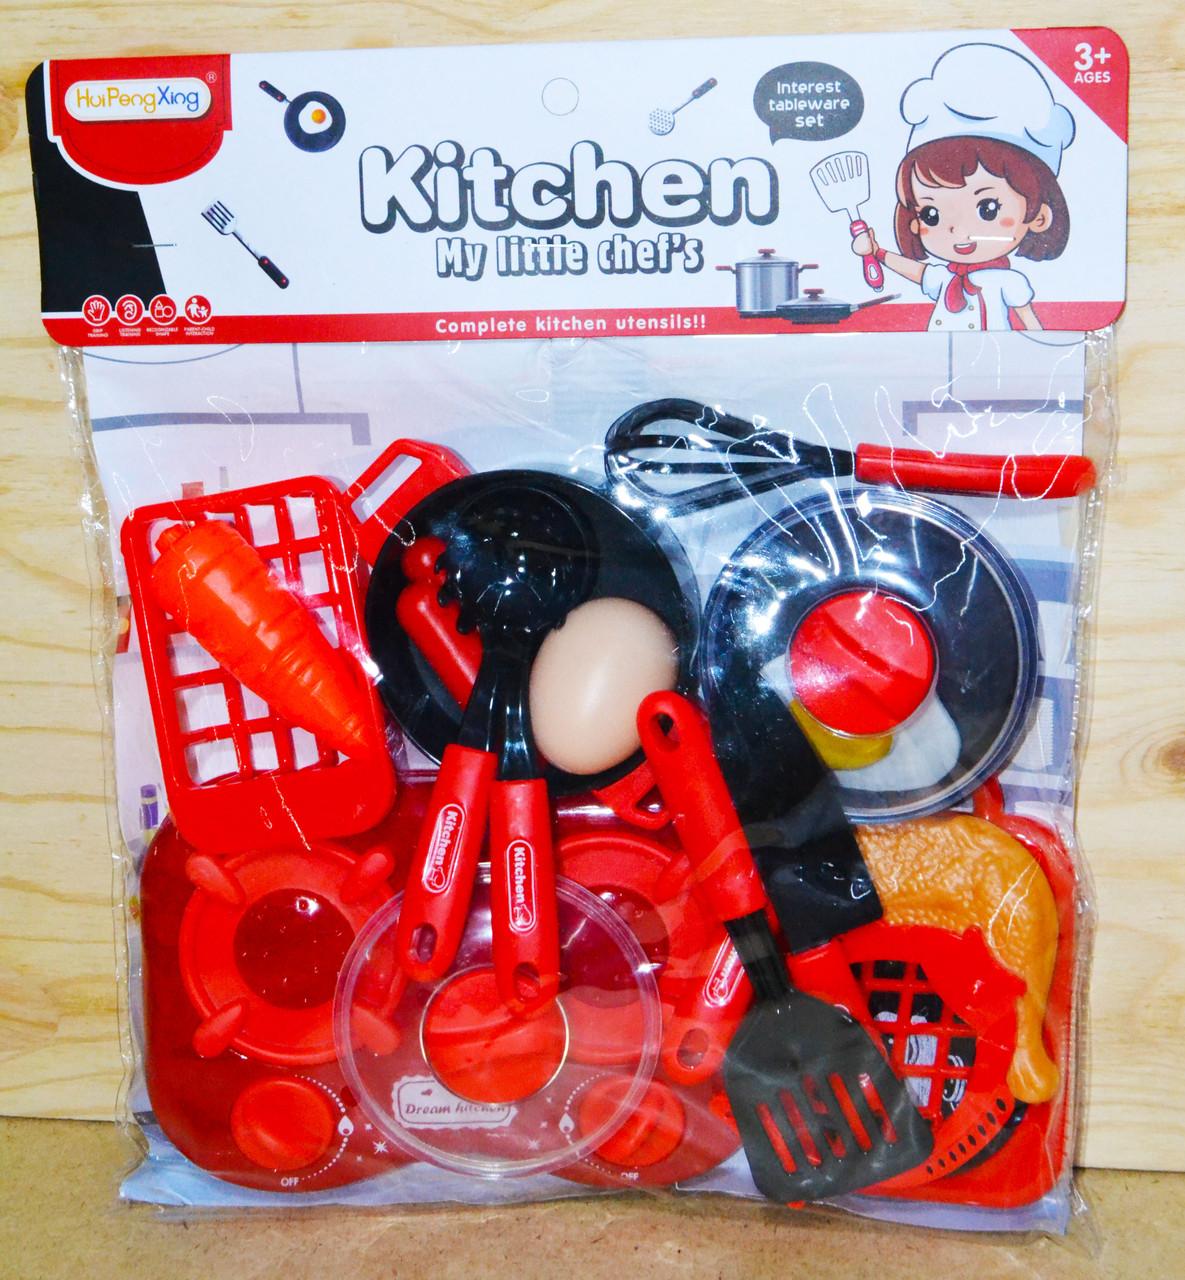 7706-3 Кухня Kitchen My little chef's красная в пакете 33*30